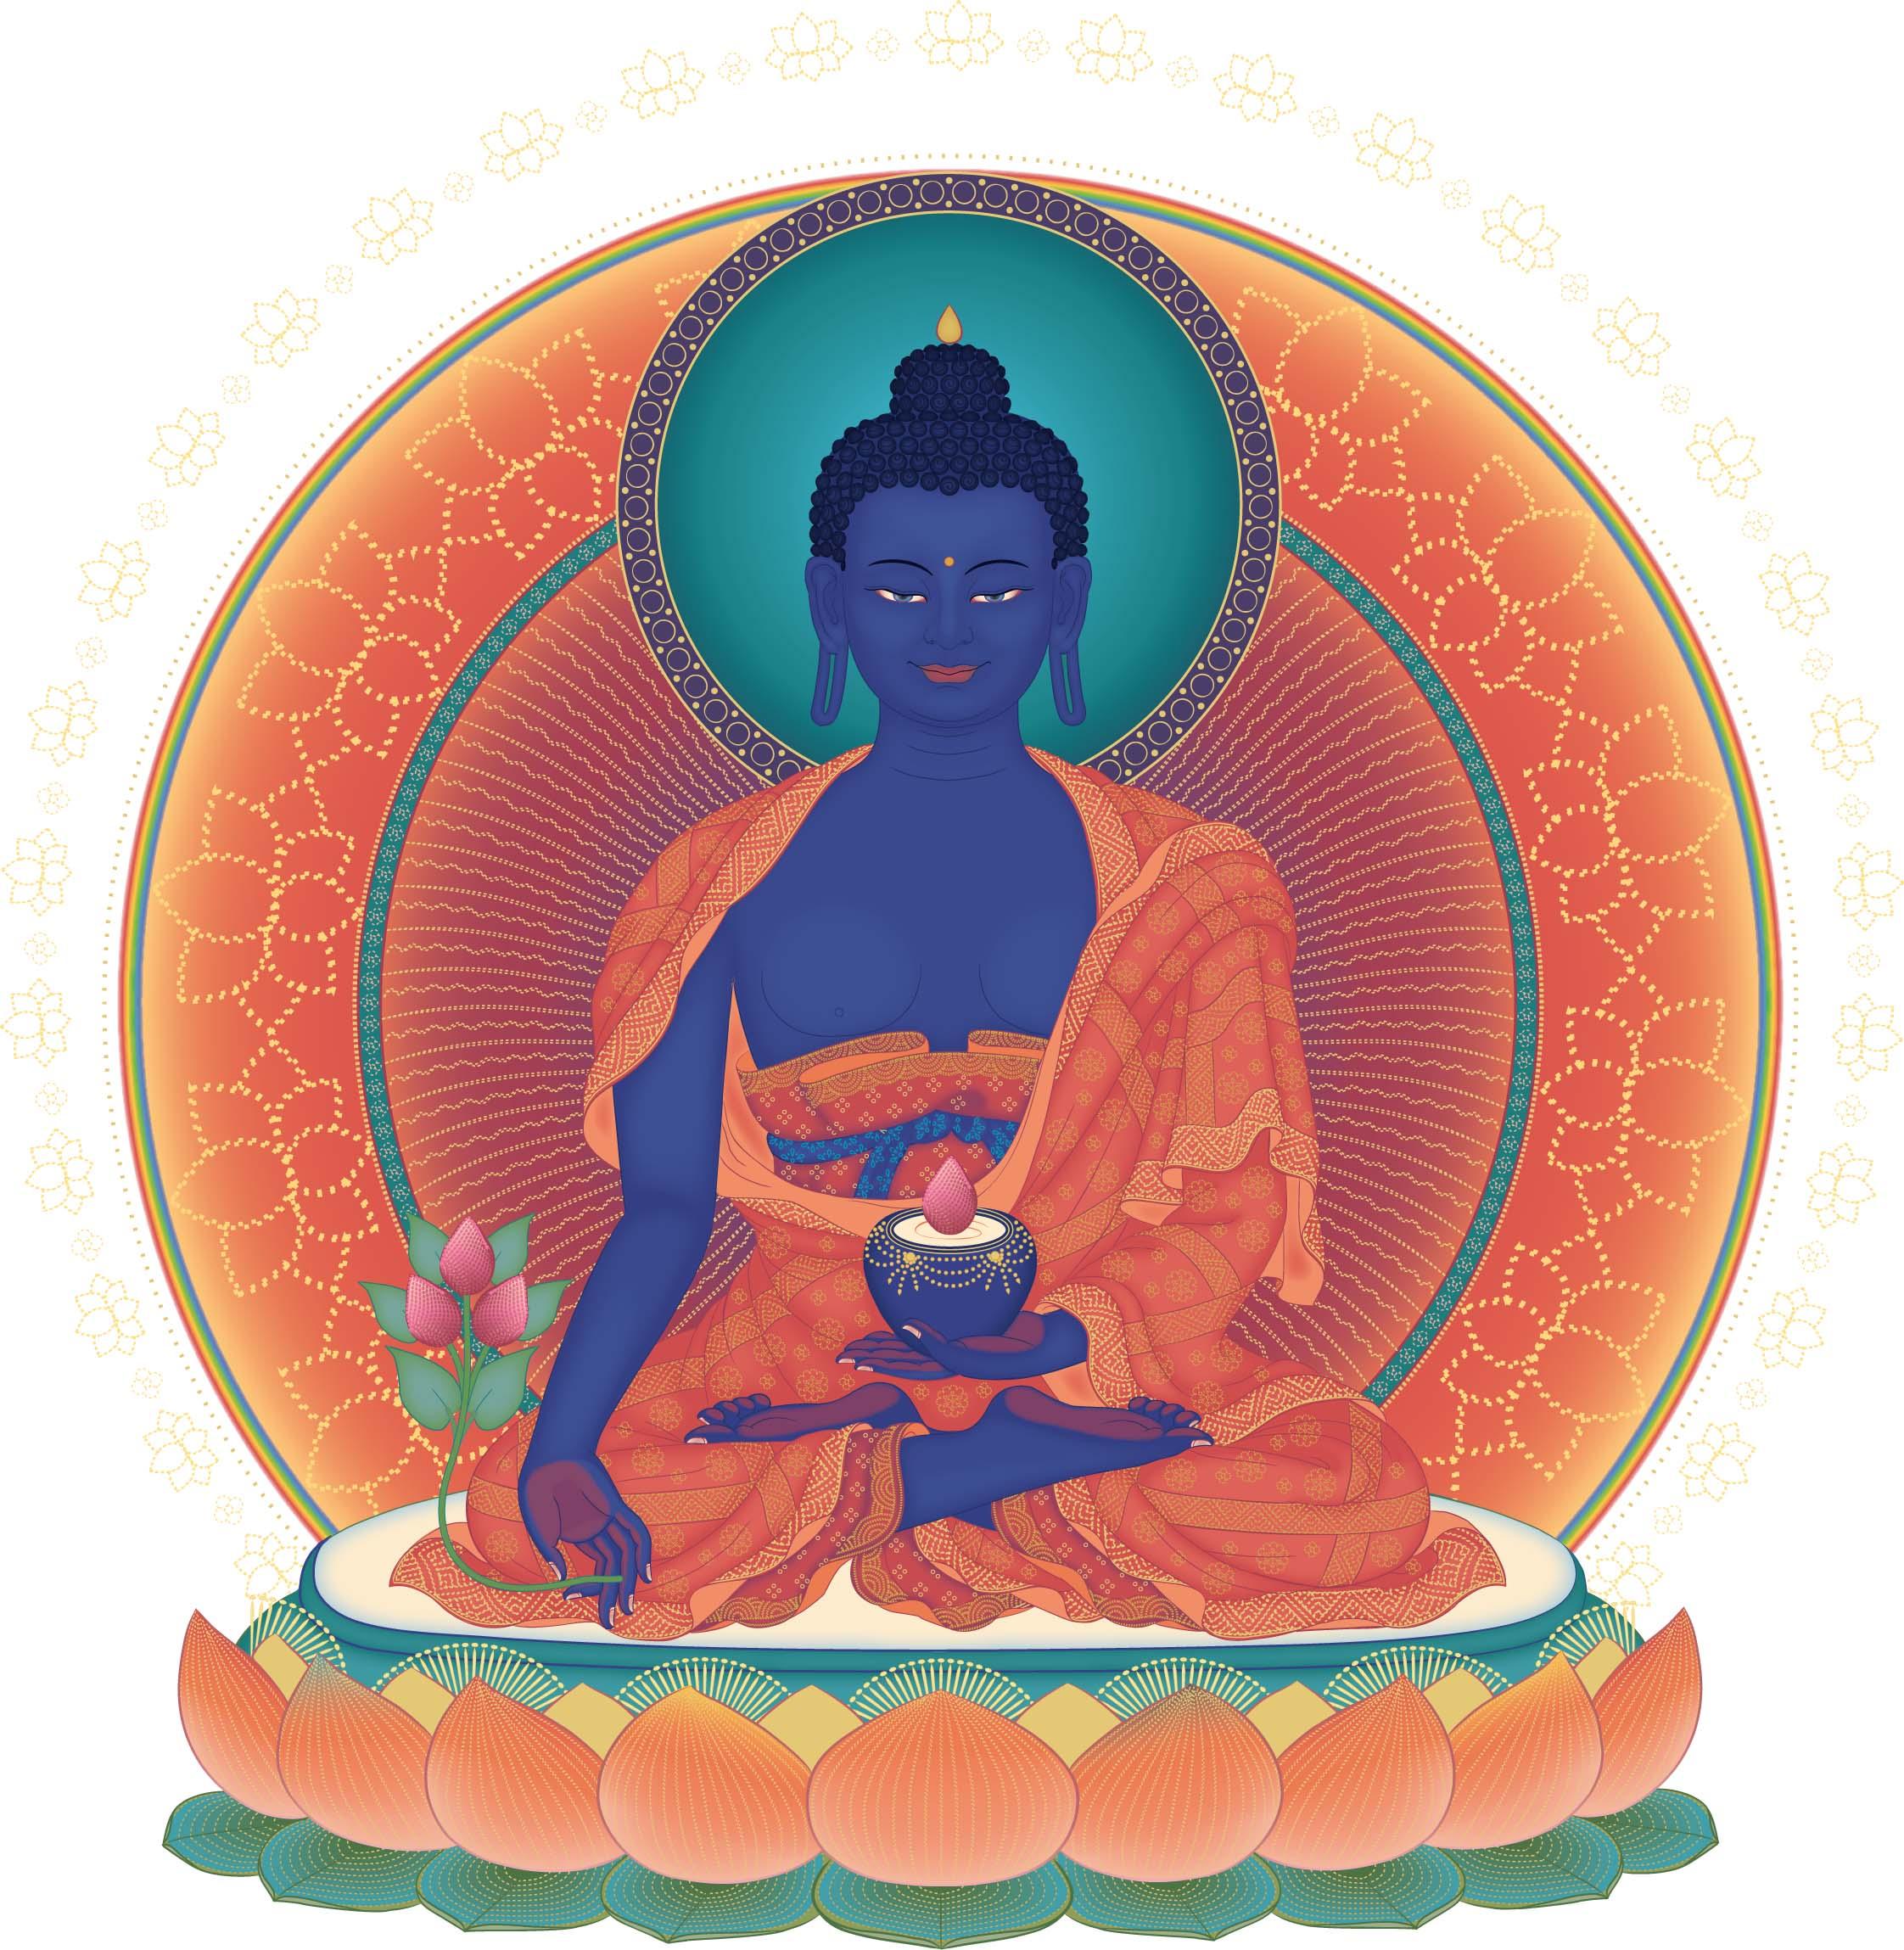 Tôn ảnh Phật Dược Sư Lưu Ly Quang